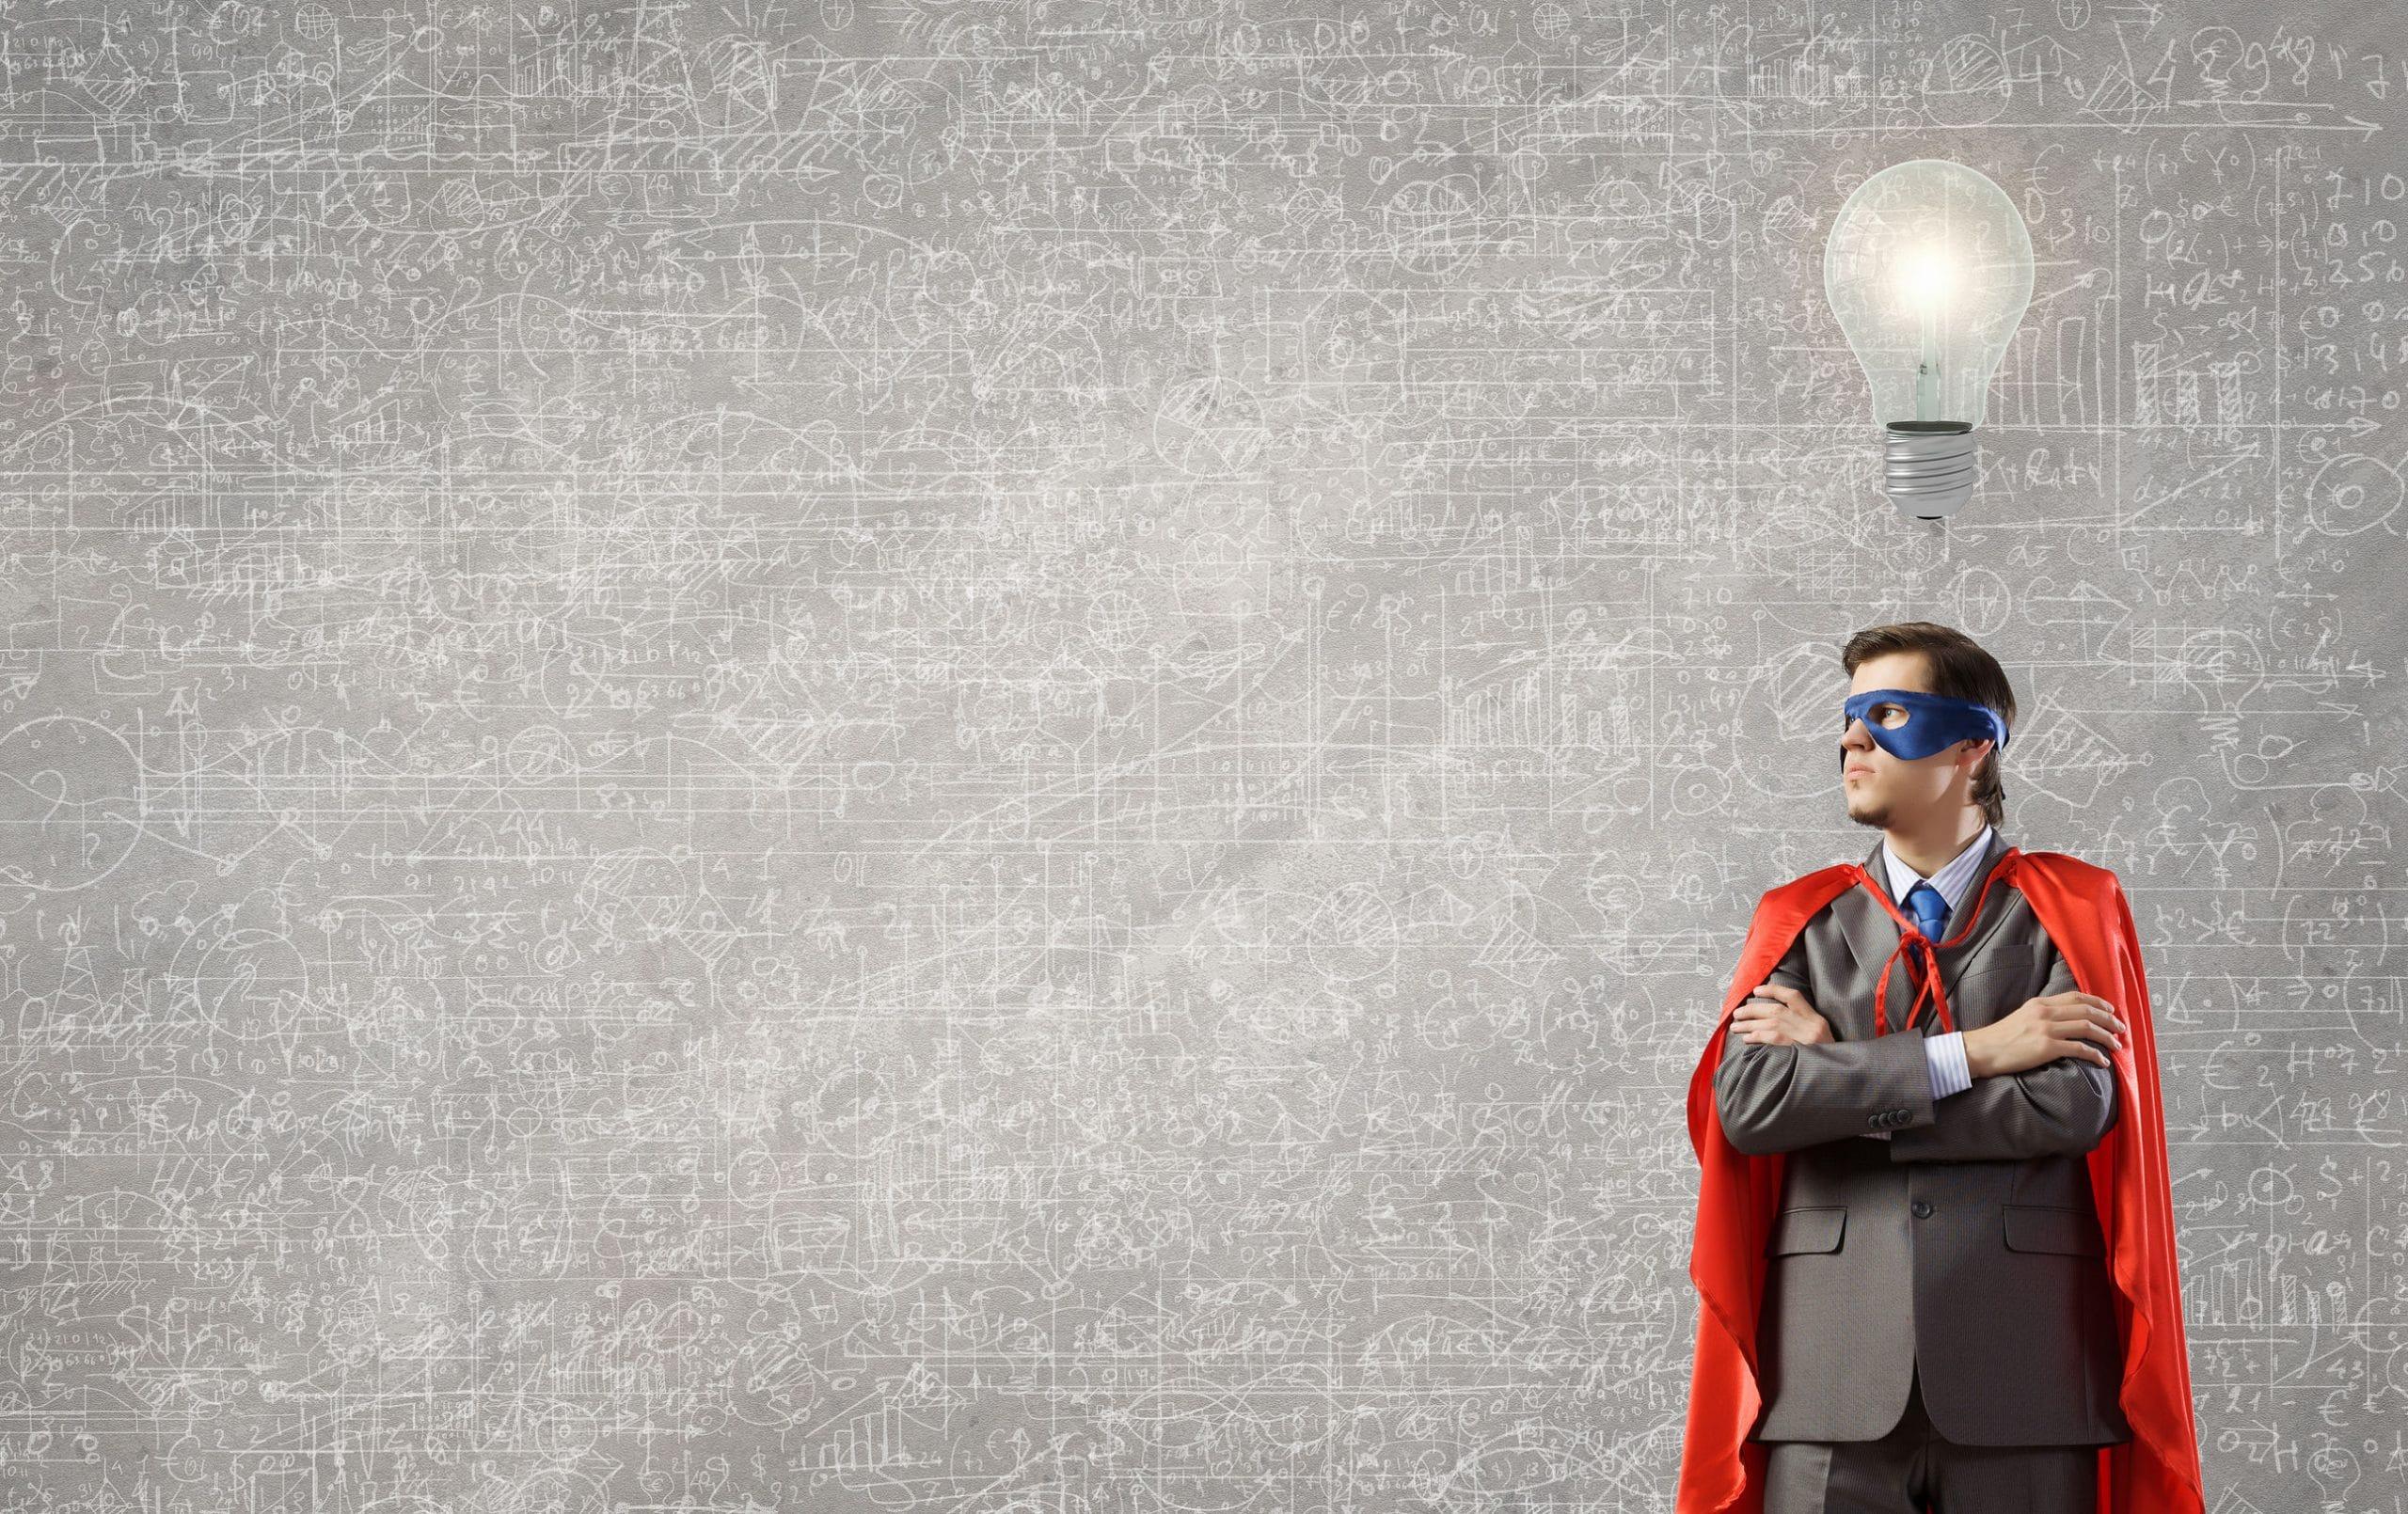 Jovem usando terno vestido de super herói. Uma lâmpada acessa está acima da cabeça dele. Conceito de ideia nova. Conceito de coragem para ser criativo.